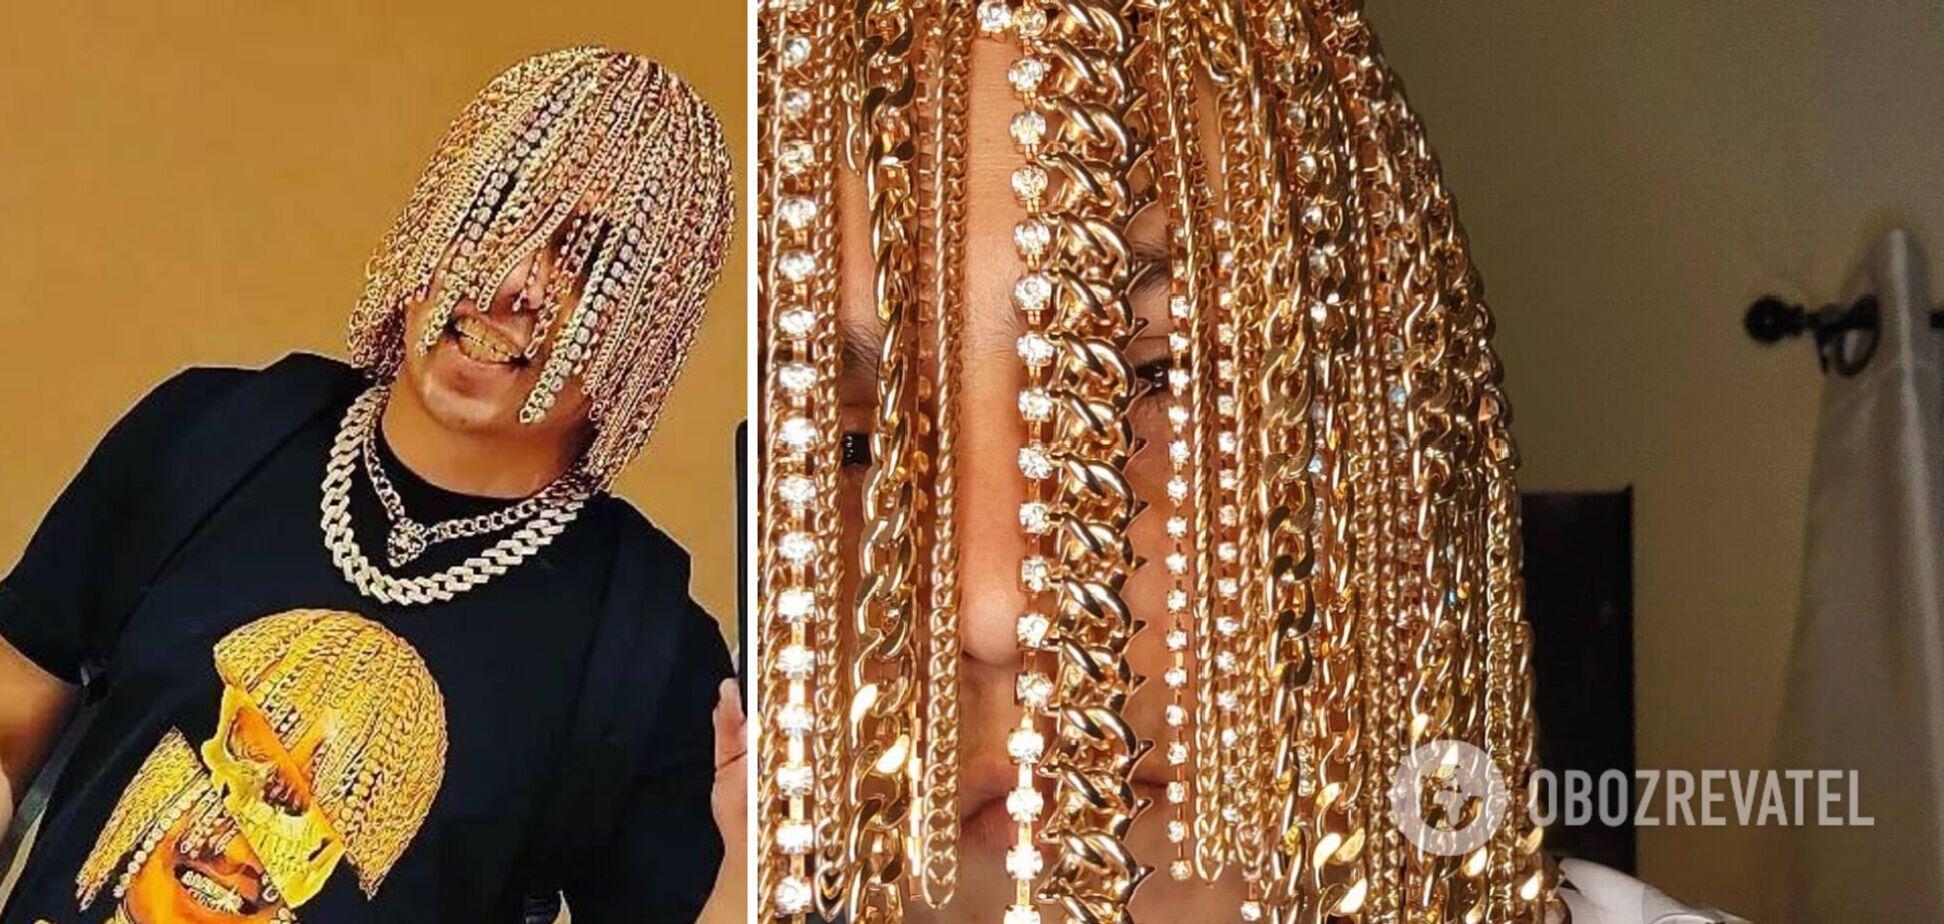 Рэпер из Мексики вживил себе в голову золотые цепи вместо волос. Видео